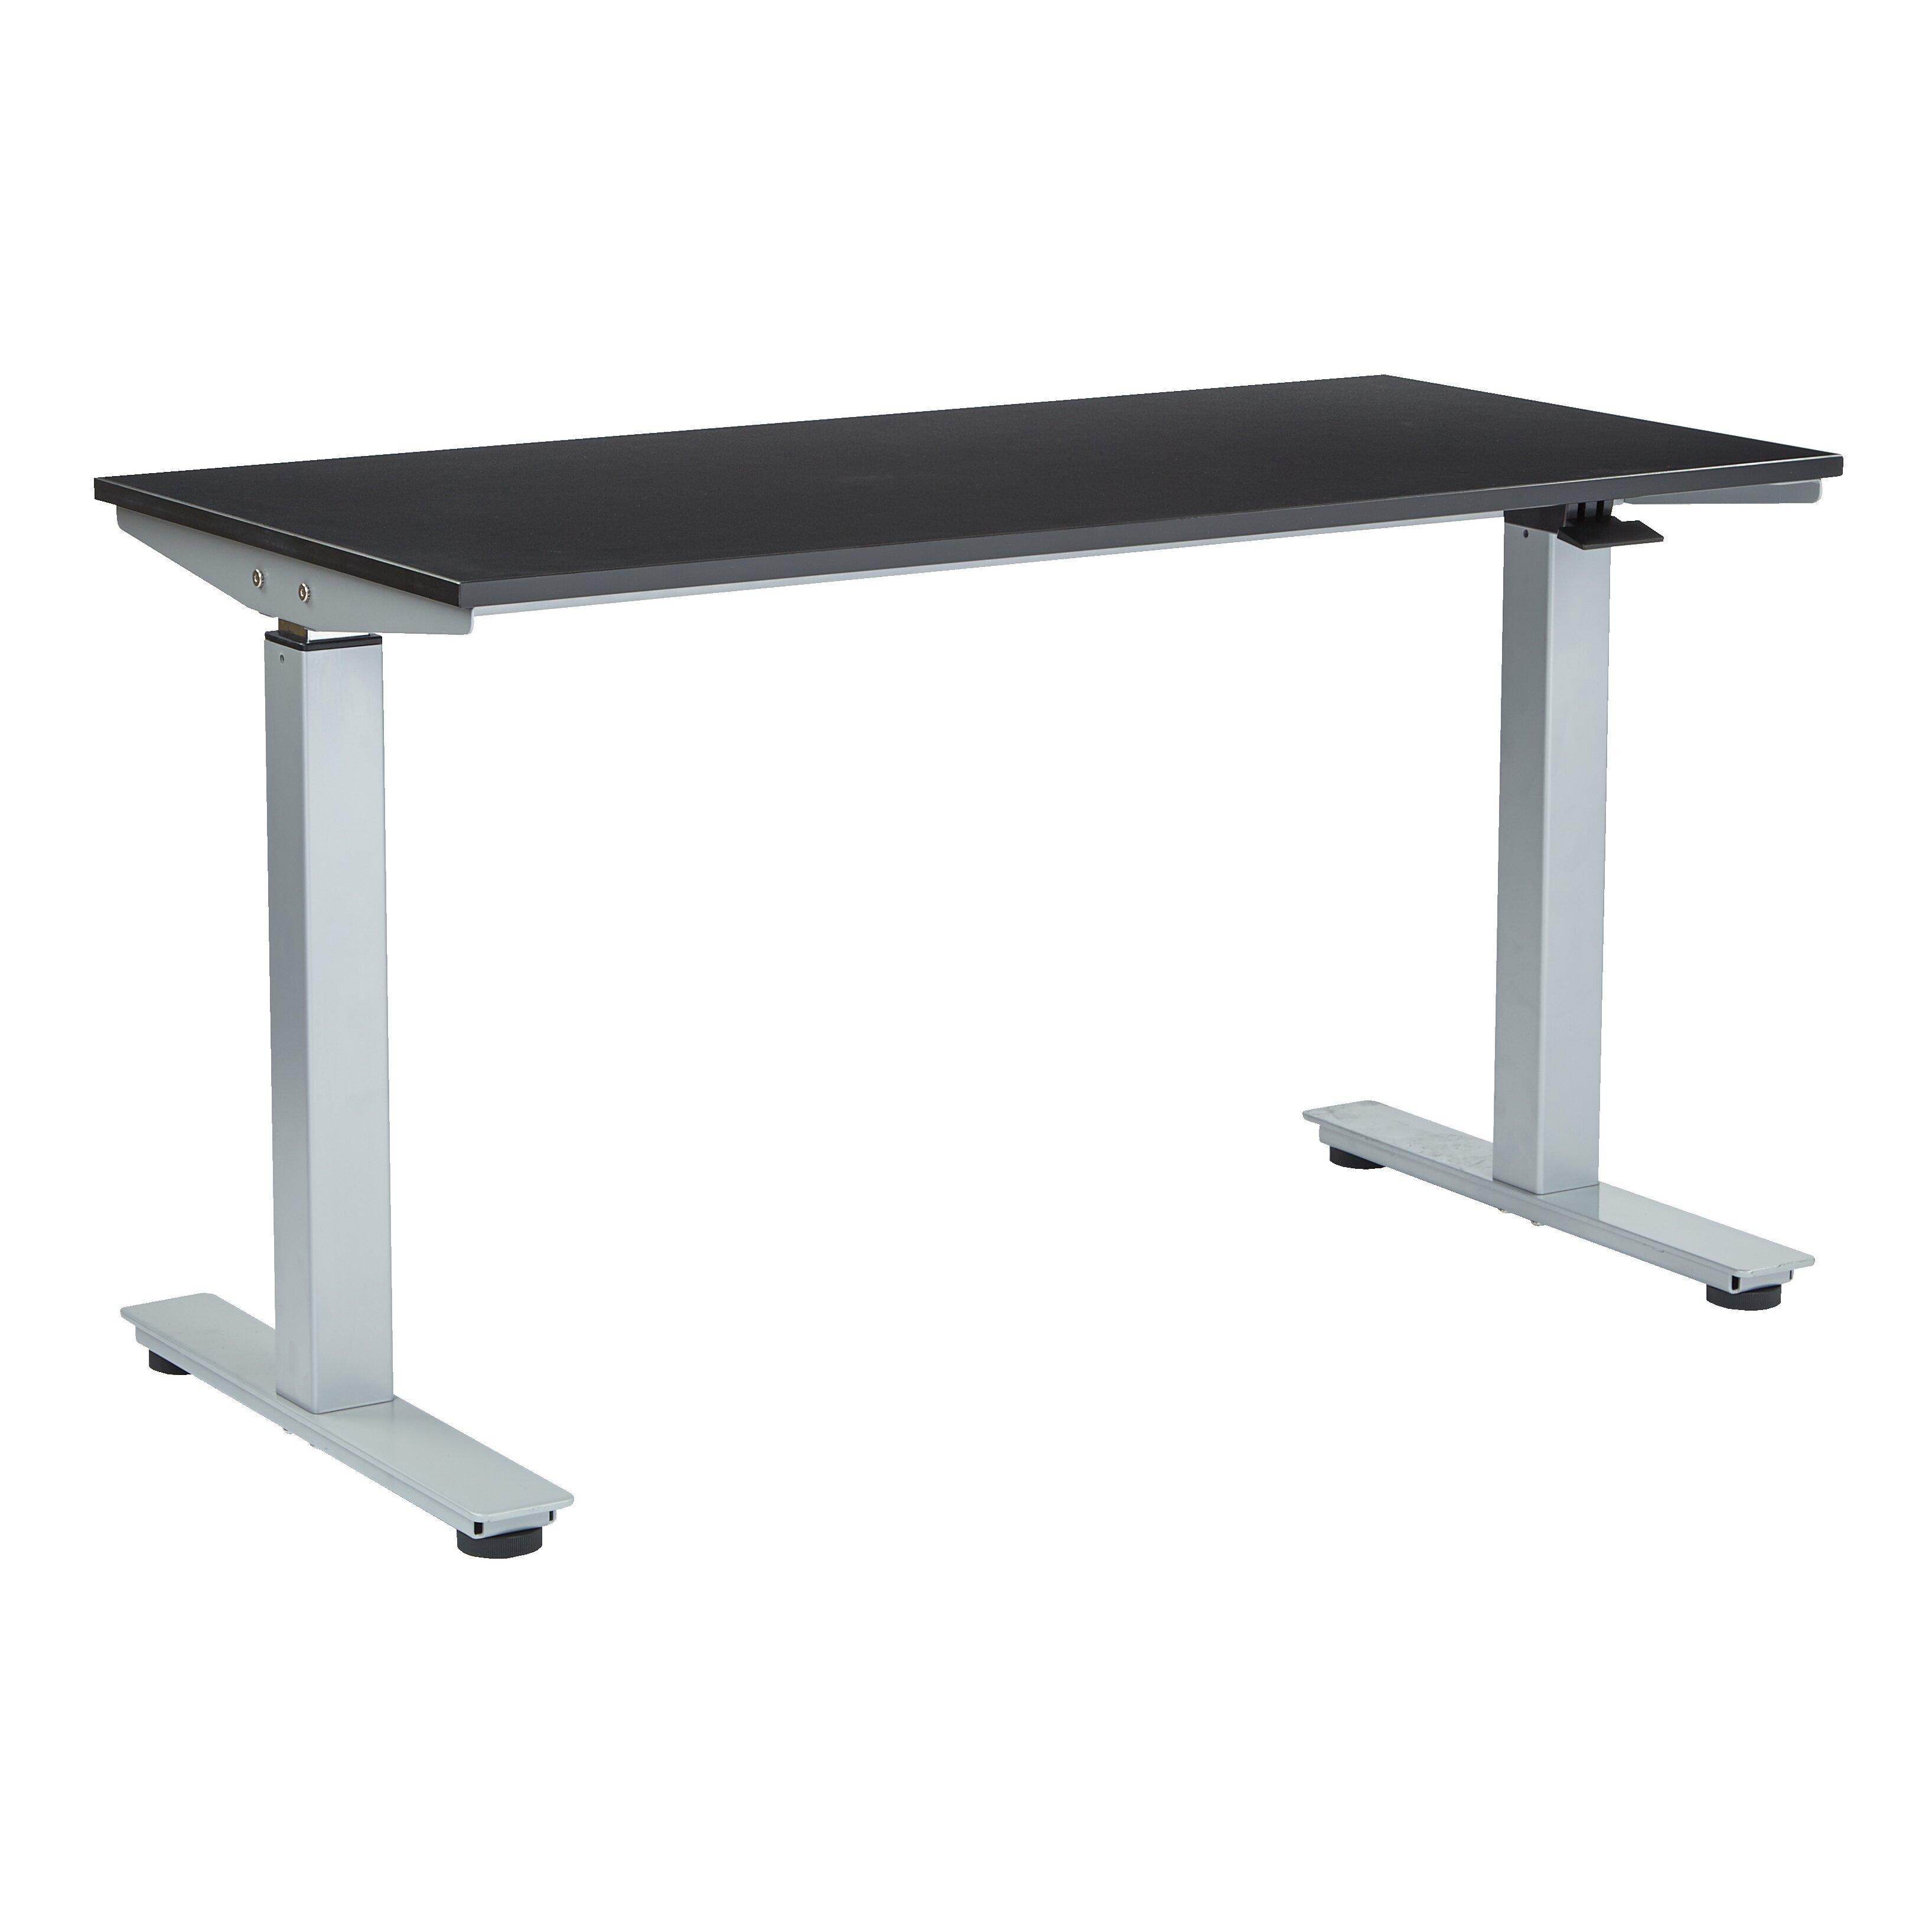 OSP Furniture Ascend Height Adjustable Desk & Reviews